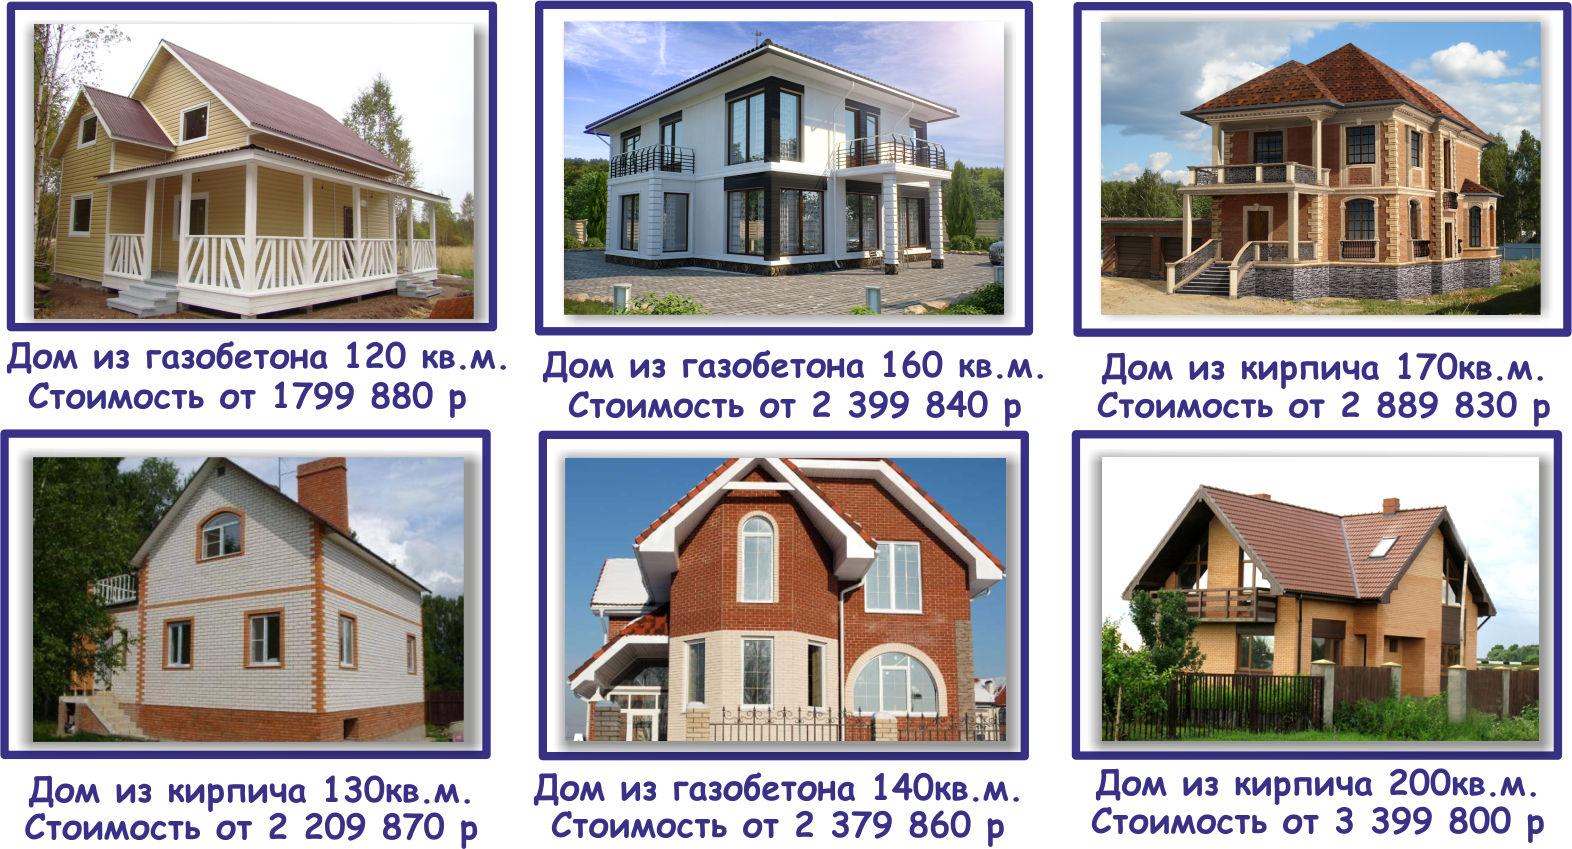 Строительство жилого домика, дач, хозяйственных построек